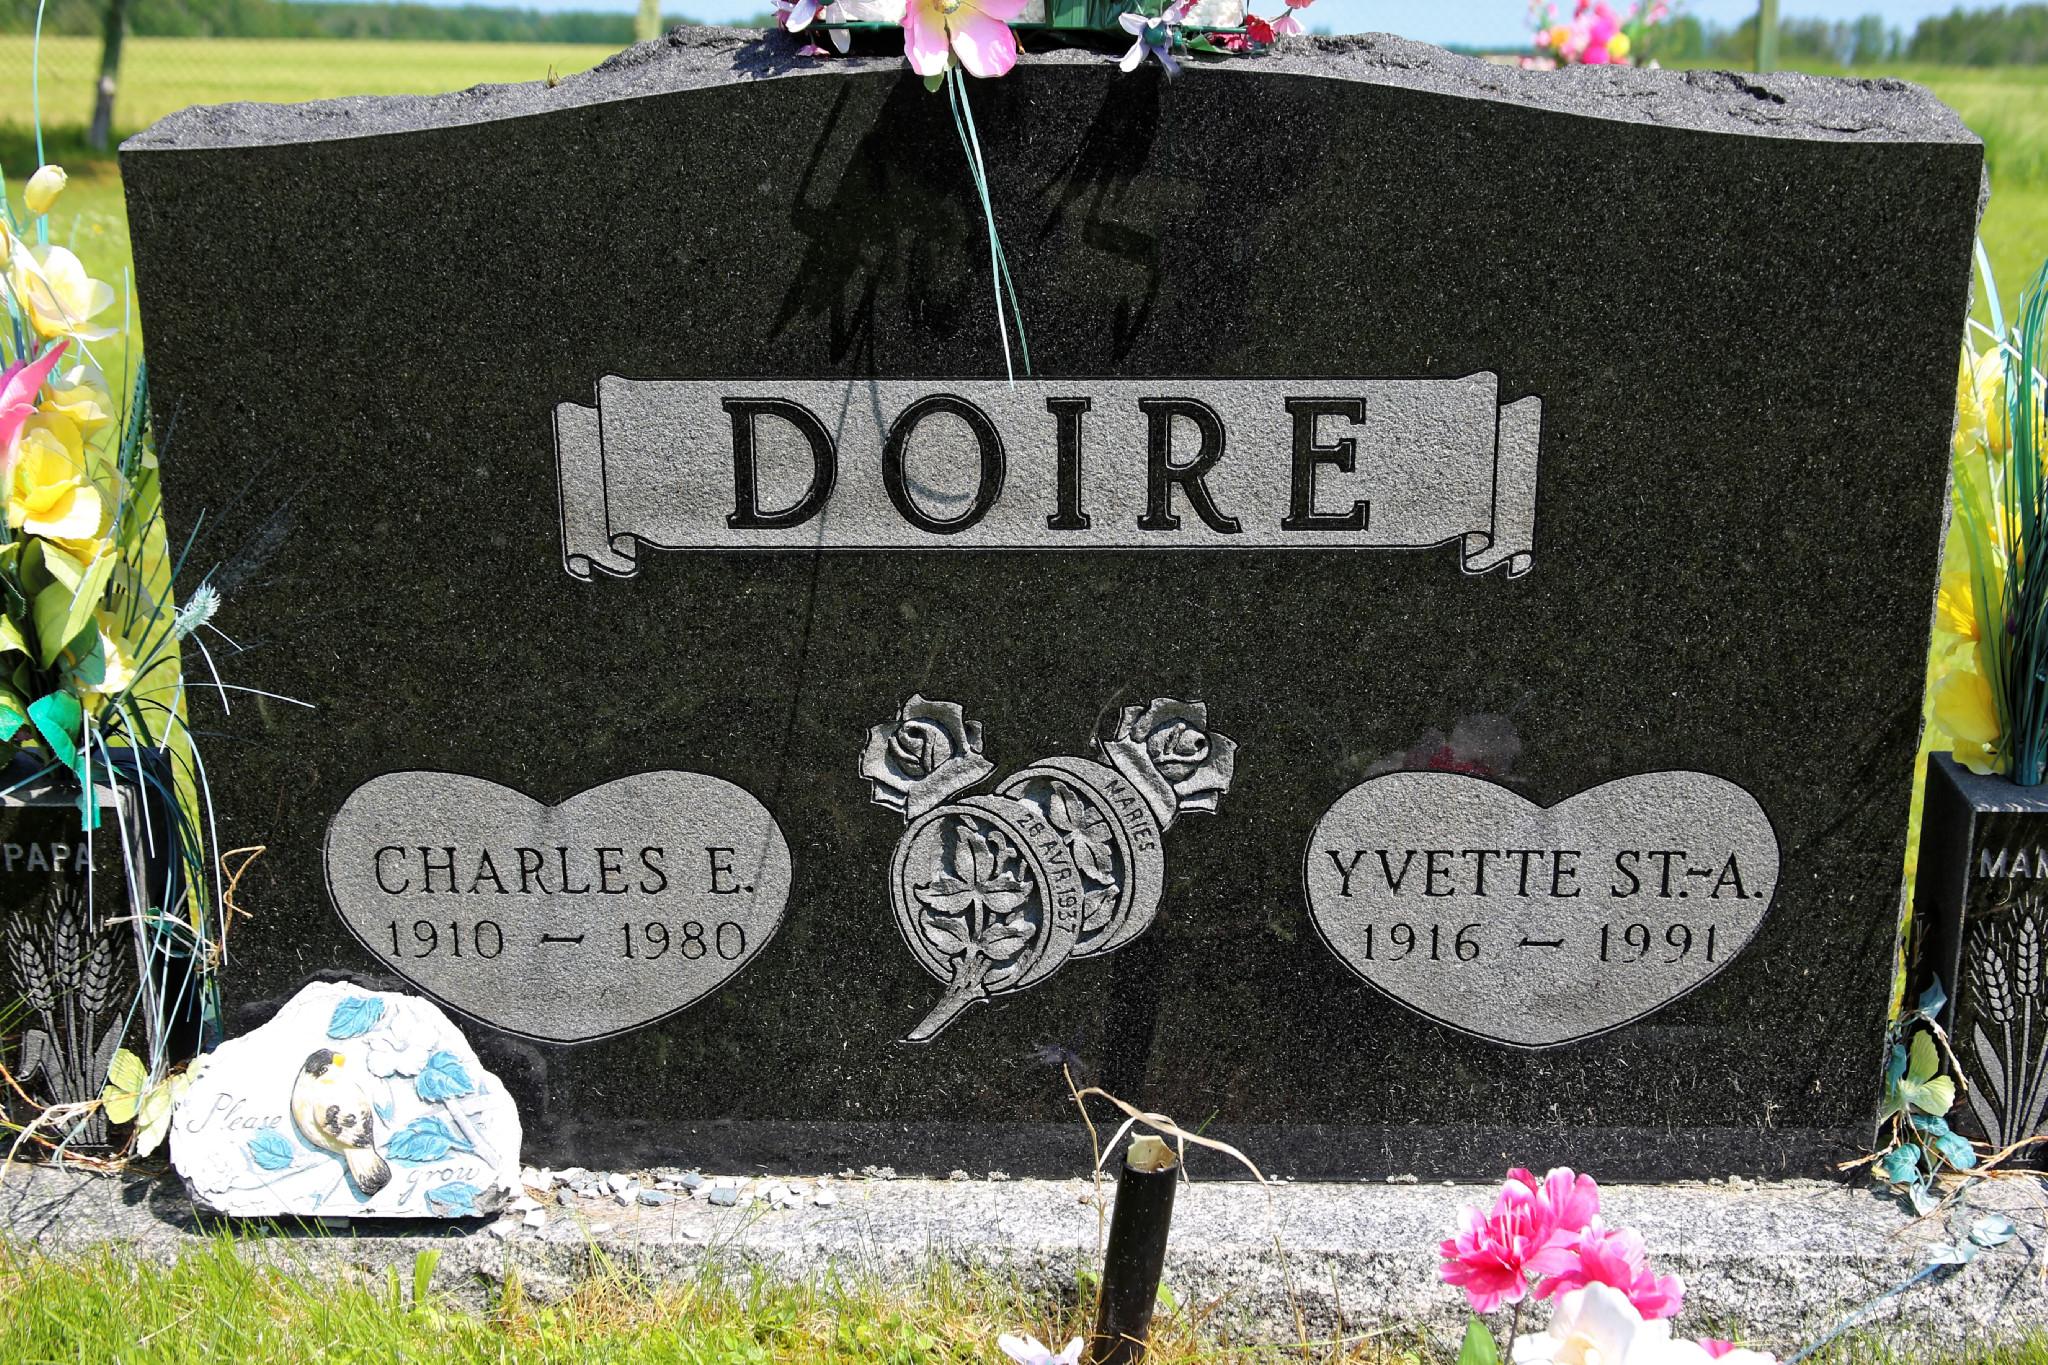 Charles-Édouard Doire